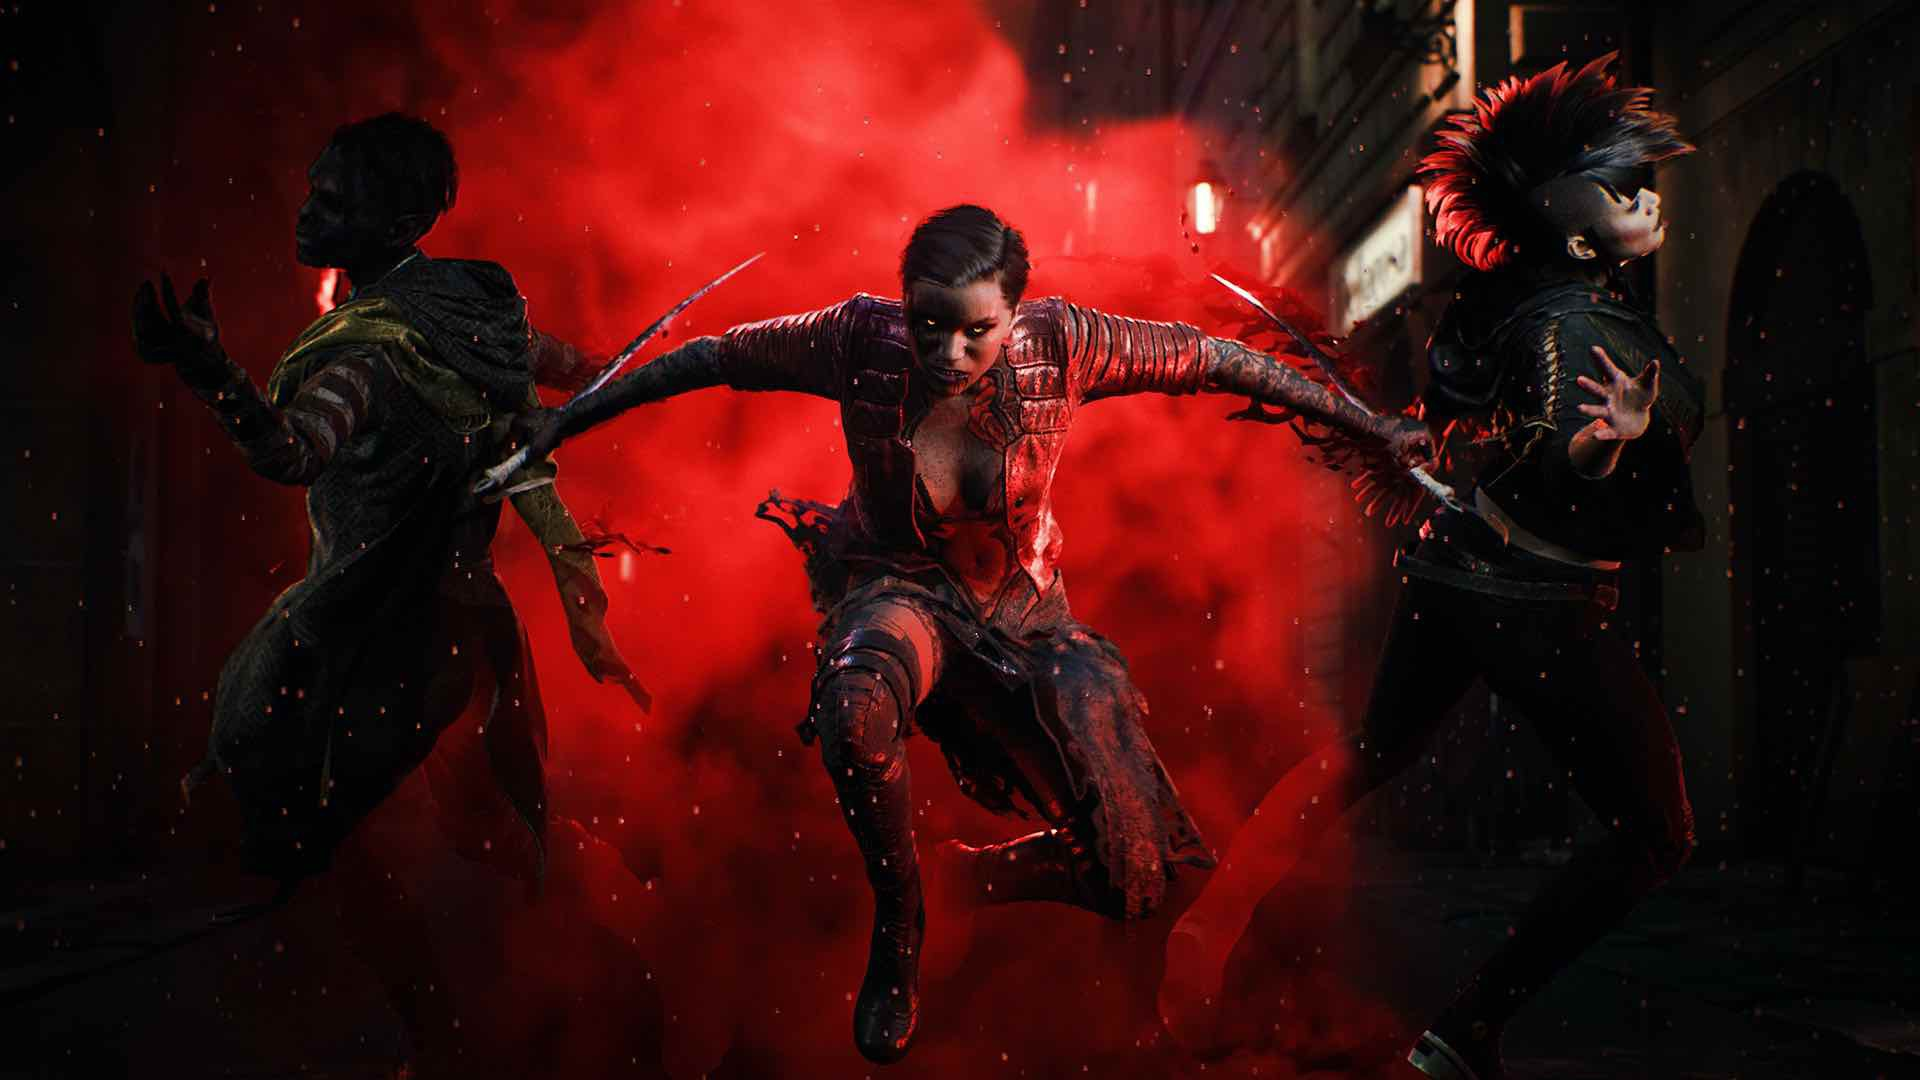 Tựa game battle royale ma cà rồng Bloodhunt sắp ra mắt trong tháng 9